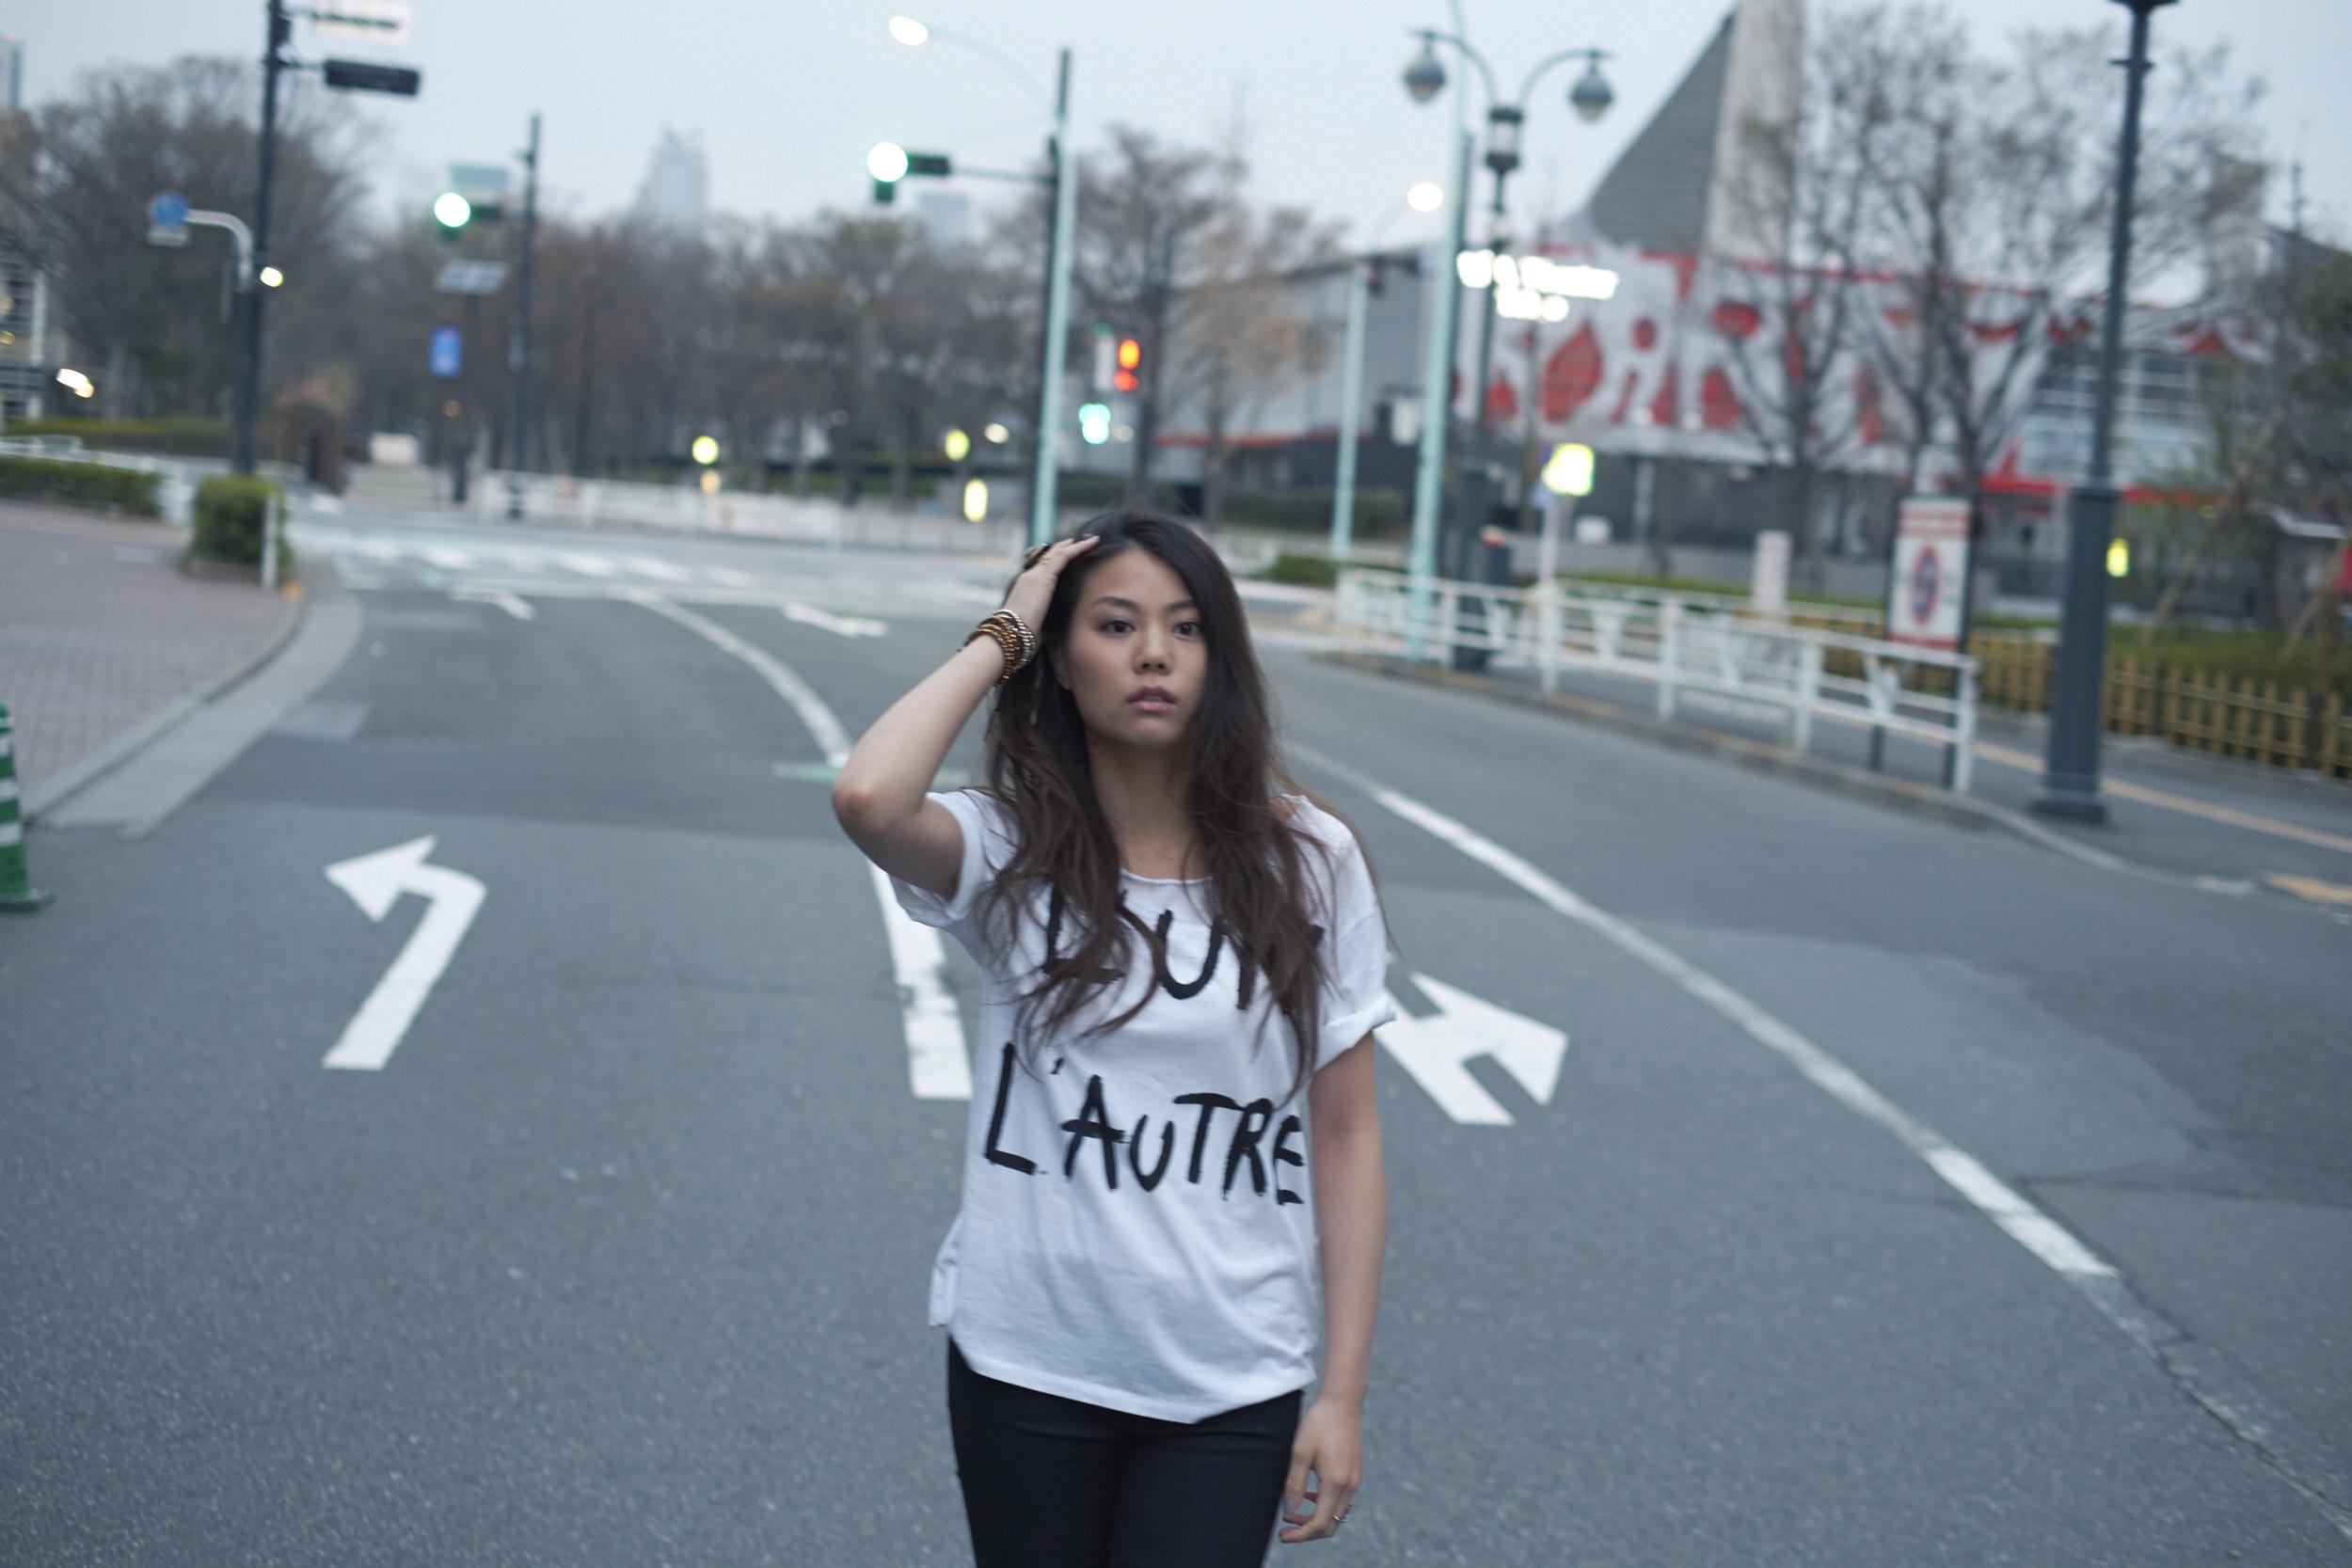 菅原紗由理が「THE SxPLAY」に改名してインディーズデビュー、リリースとワンマンライブも決定!サムネイル画像